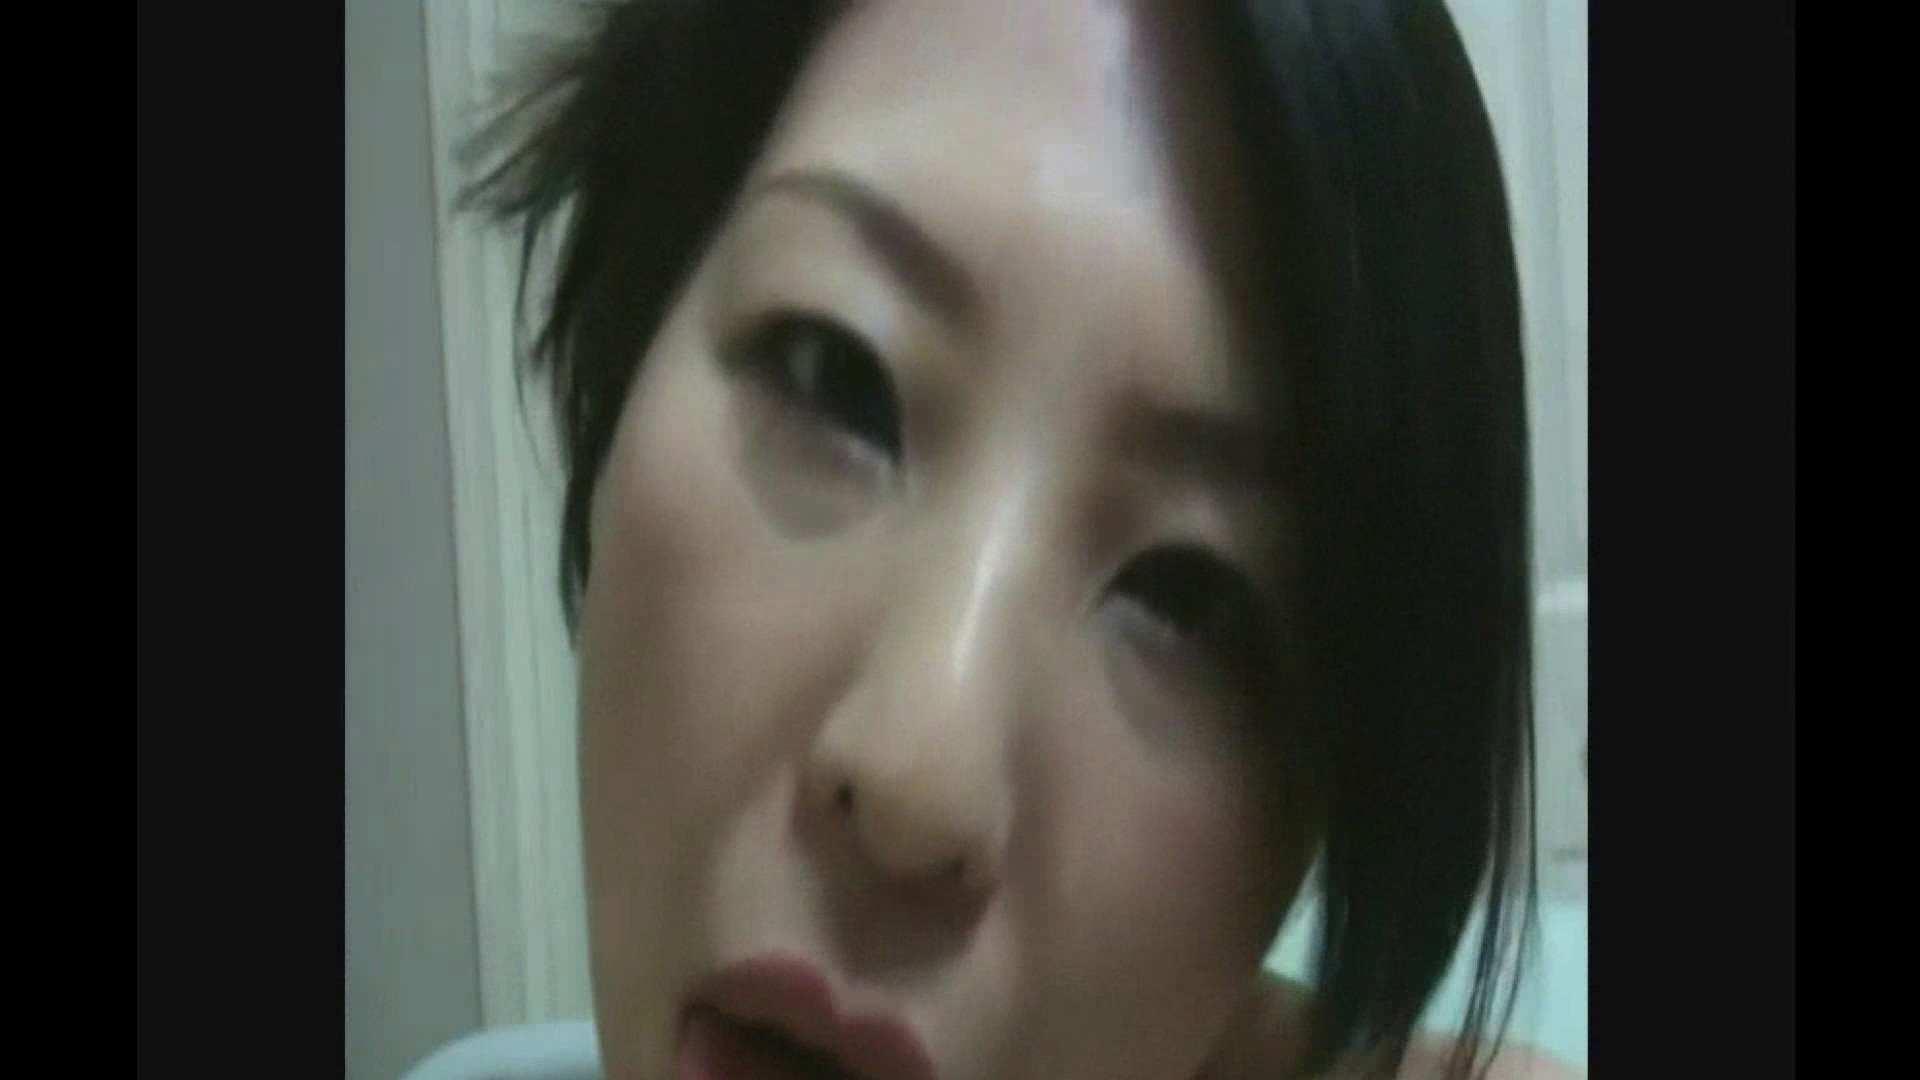 淫乱オナニー百花繚乱 Vol.01 熟女のエロ生活  69連発 18